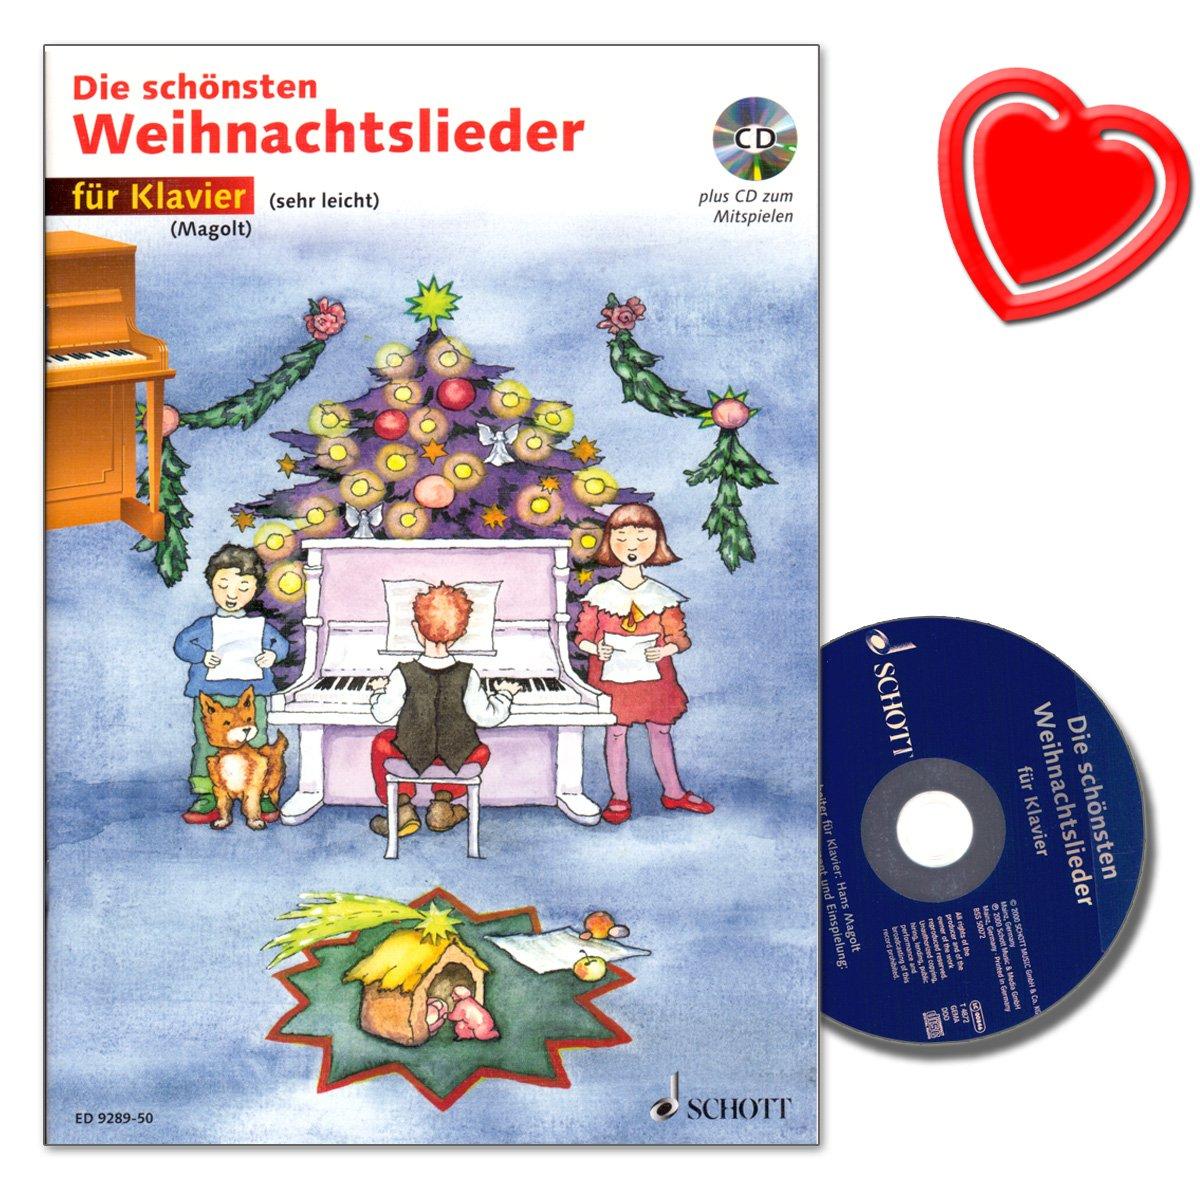 Die schönsten Weihnachtslieder mit CD für Klavier (sehr leichte) von ...